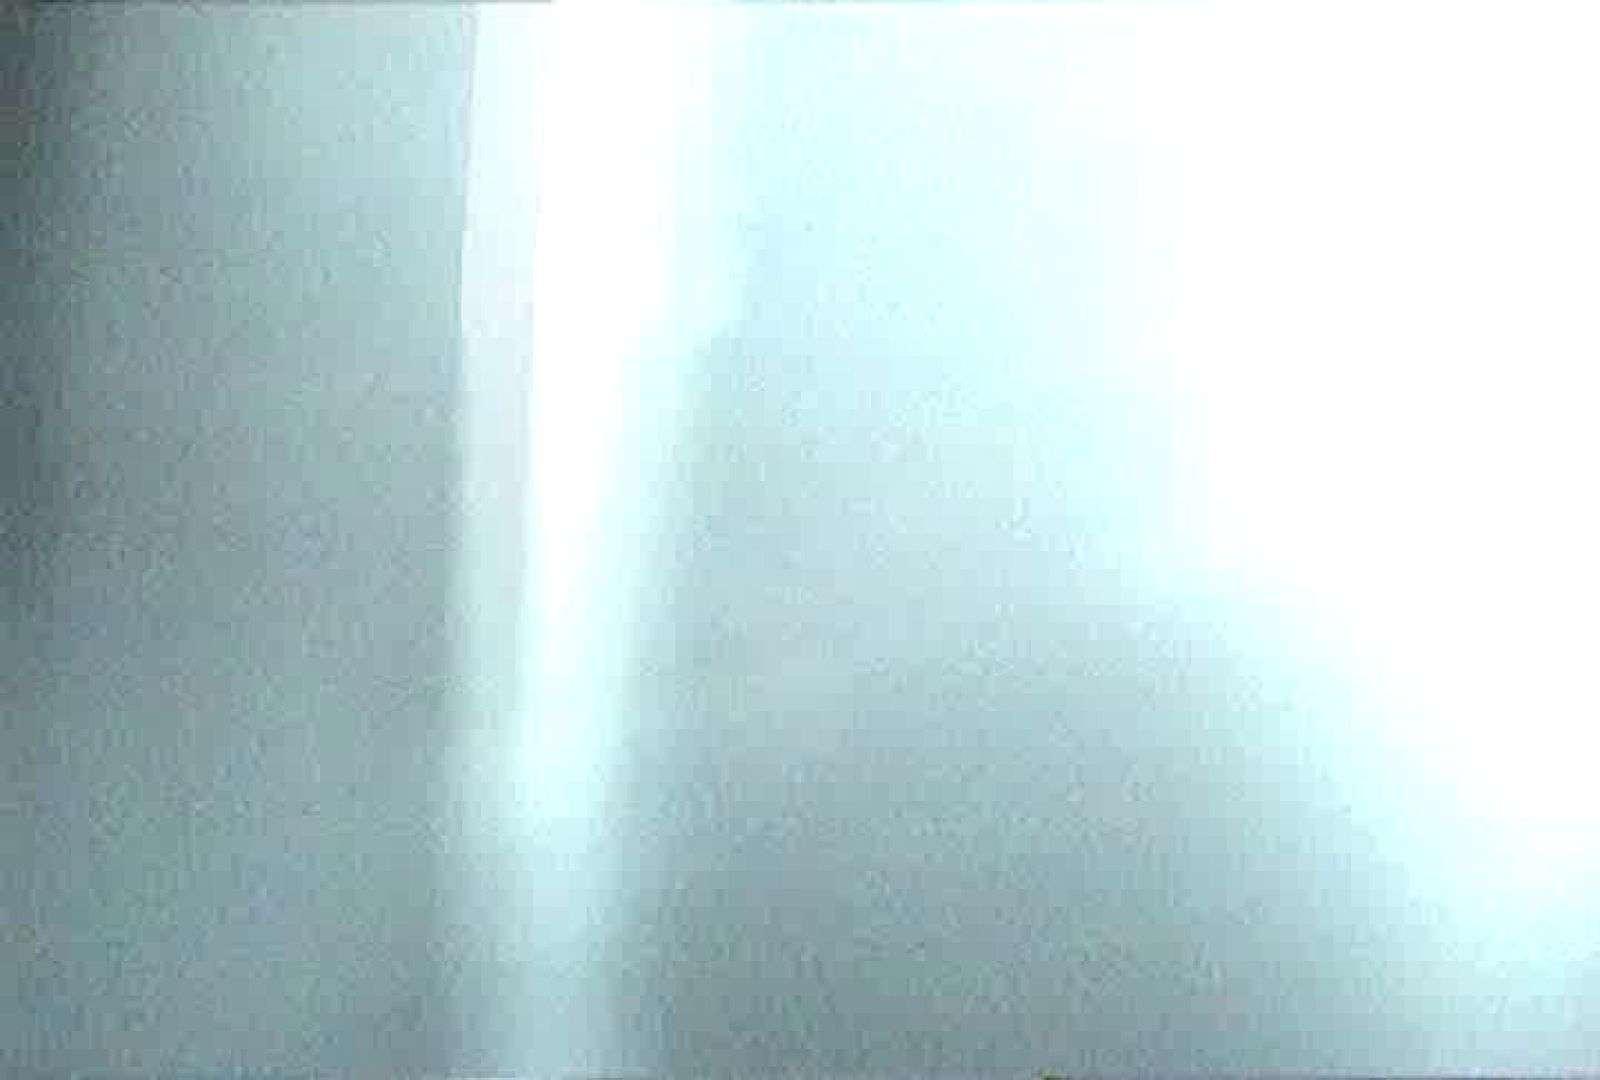 「充血監督」さんの深夜の運動会!! vol.090 パンツ特集 オマンコ無修正動画無料 94画像 34